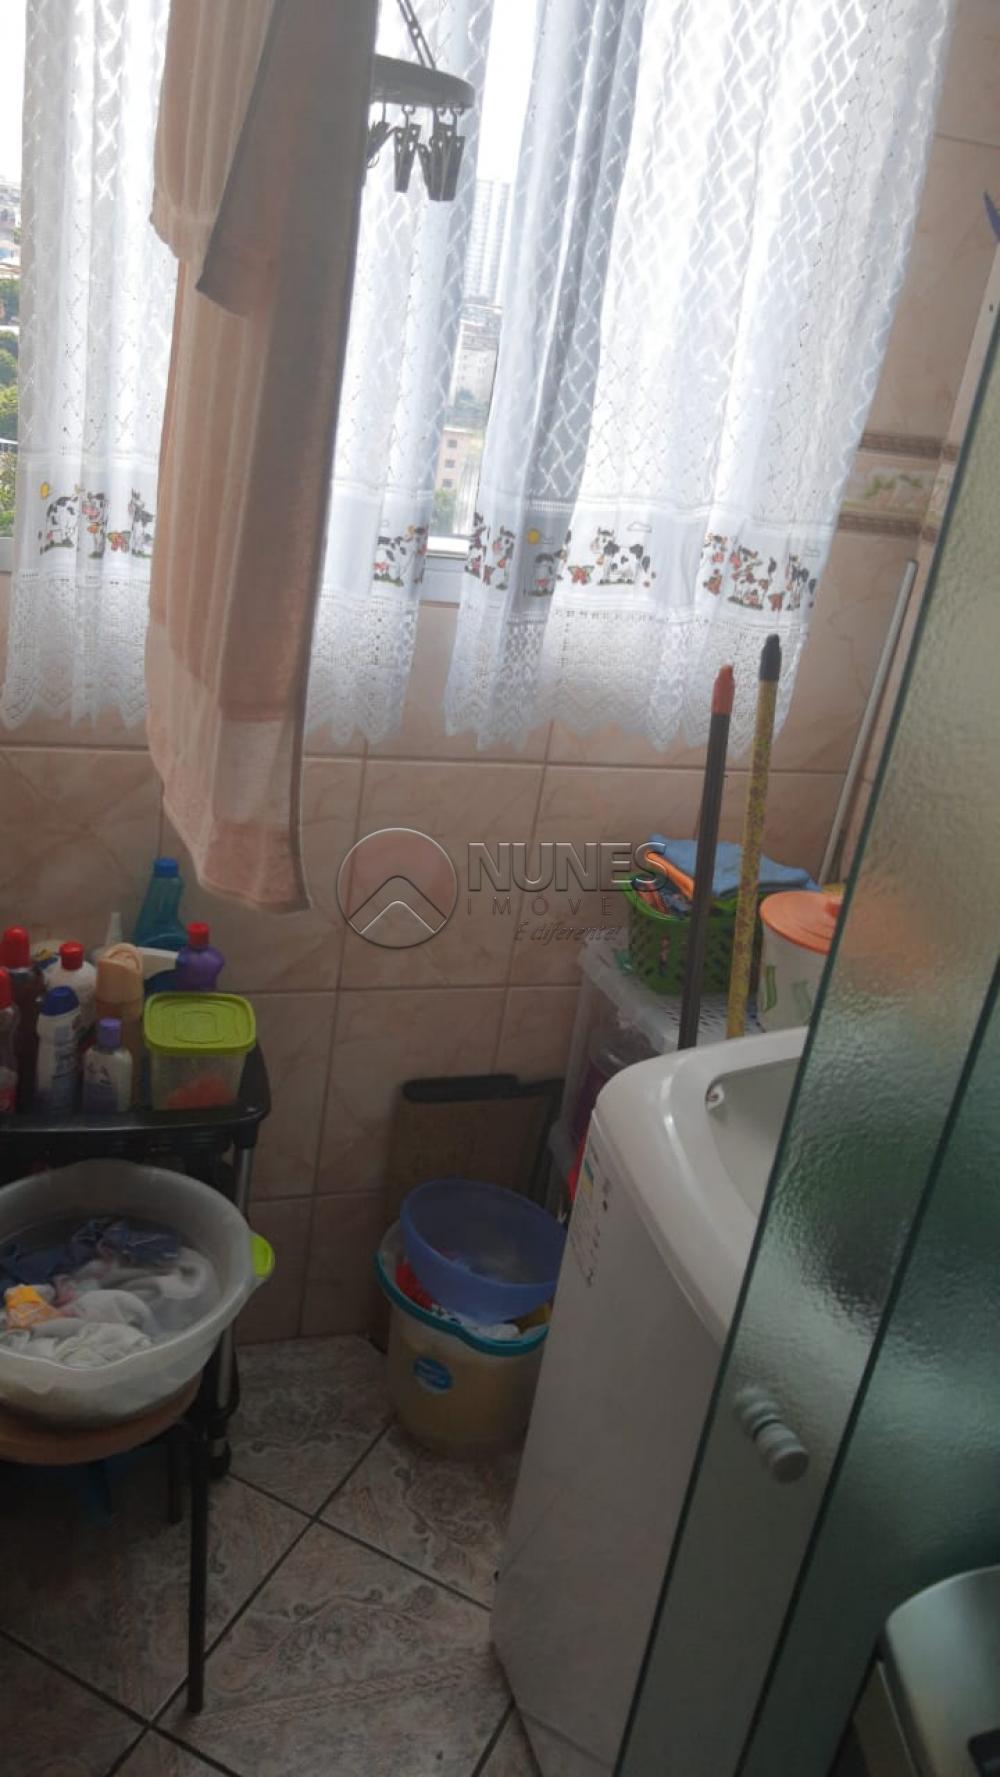 Comprar Apartamento / Padrão em Osasco apenas R$ 240.000,00 - Foto 10